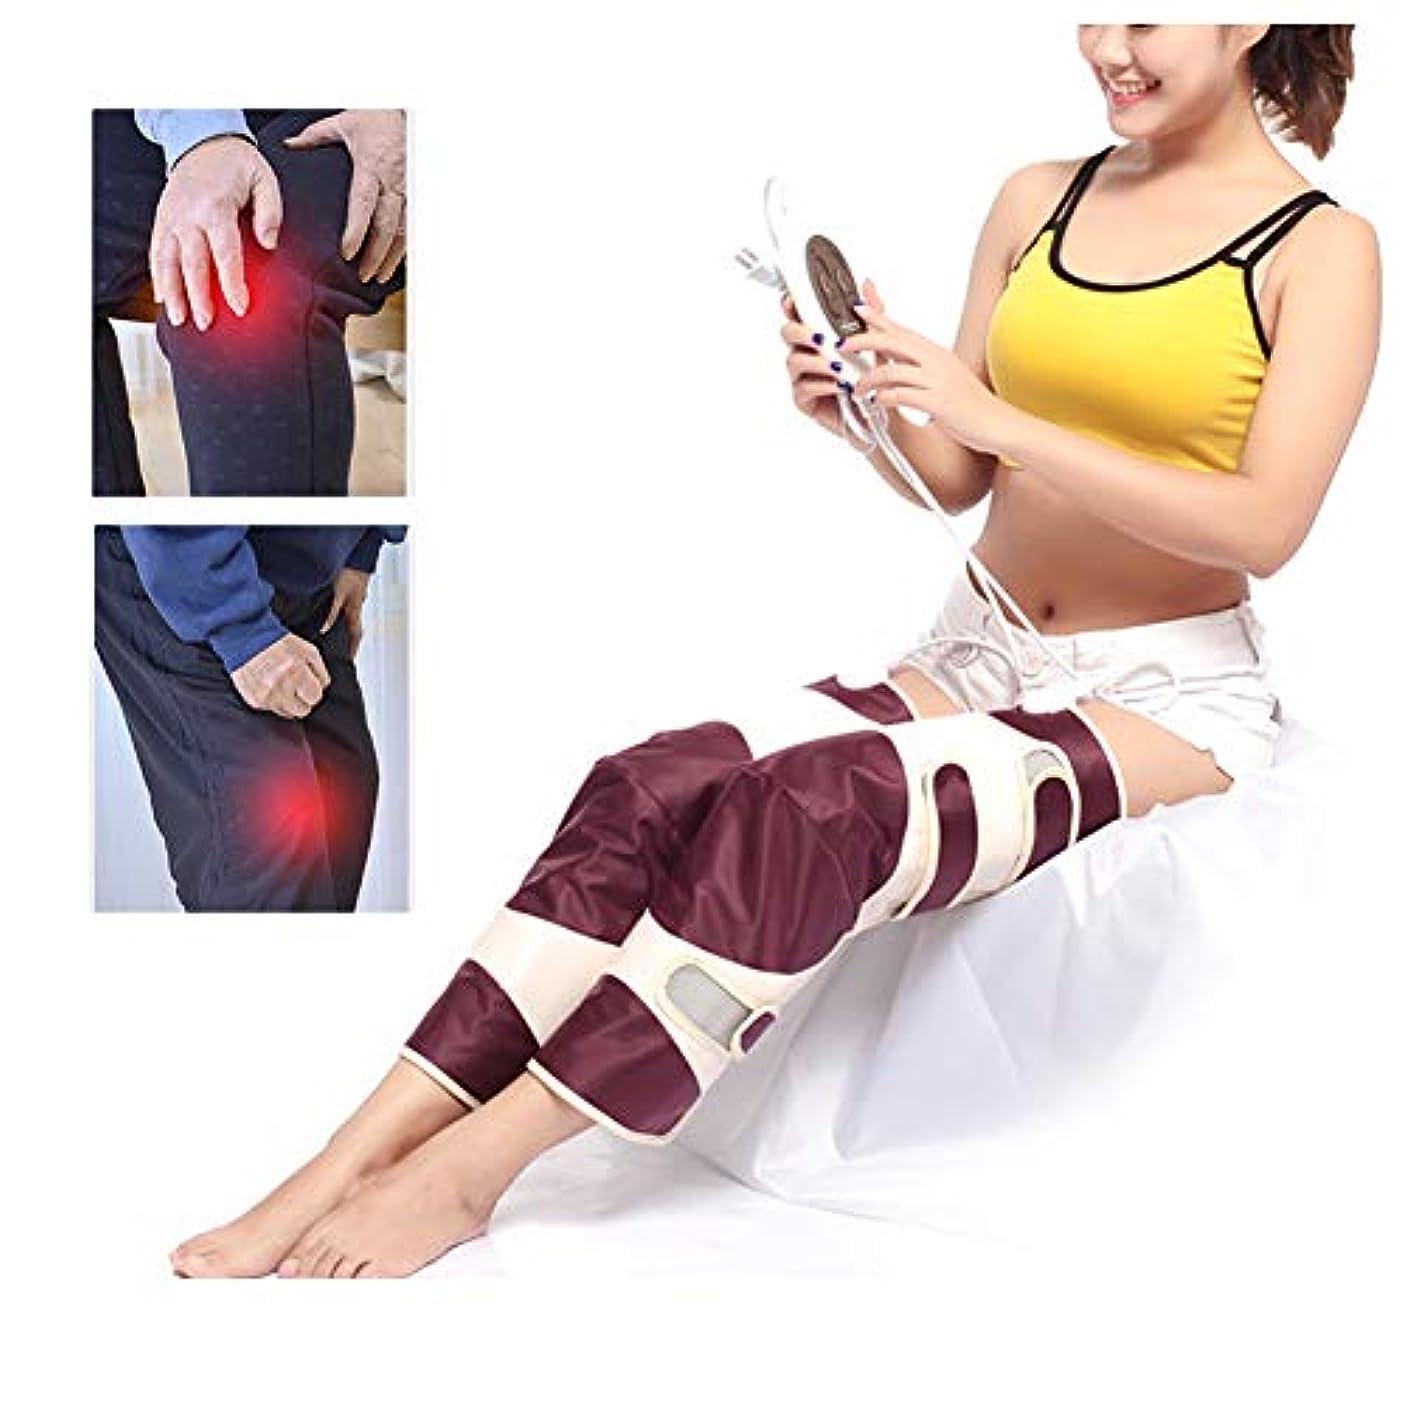 ペレット示す密度関節炎の痛みのための電気加熱膝パッド加熱膝ブレース遠赤外線治療マッサージャー